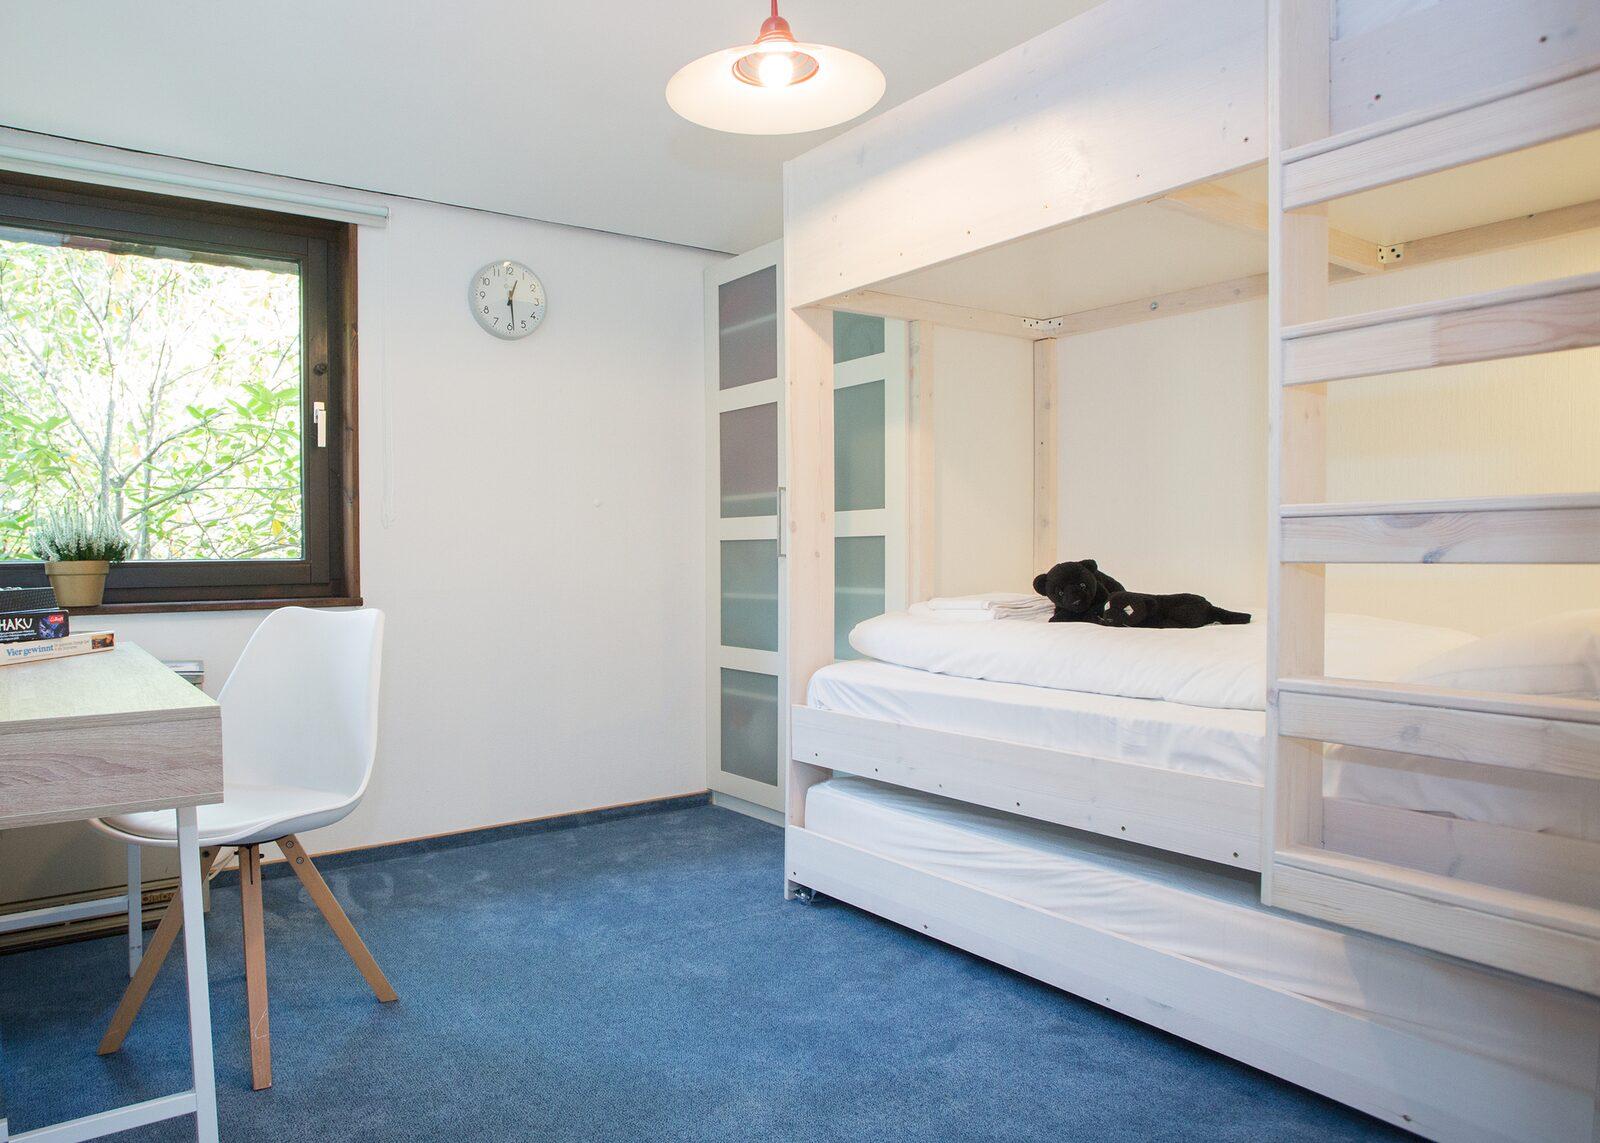 Ferienhaus - Margaritenweg 17-R | Niedersfeld